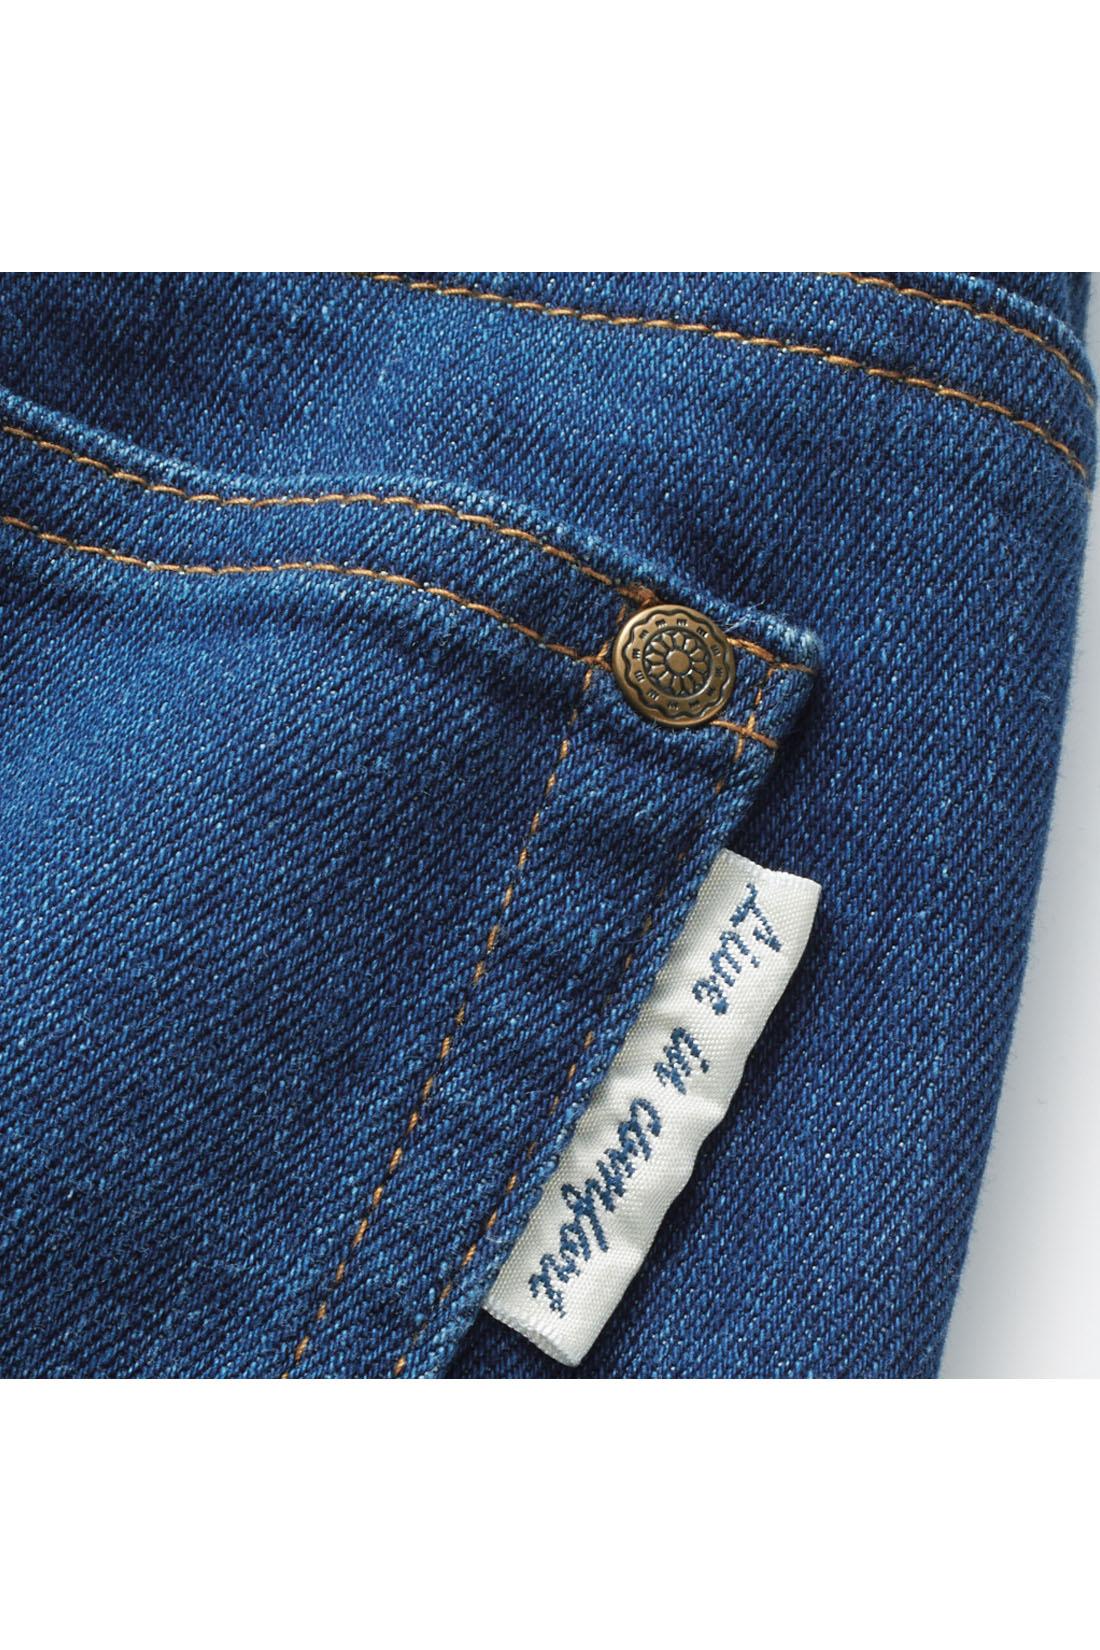 バックポケットにはピスネーム付き。